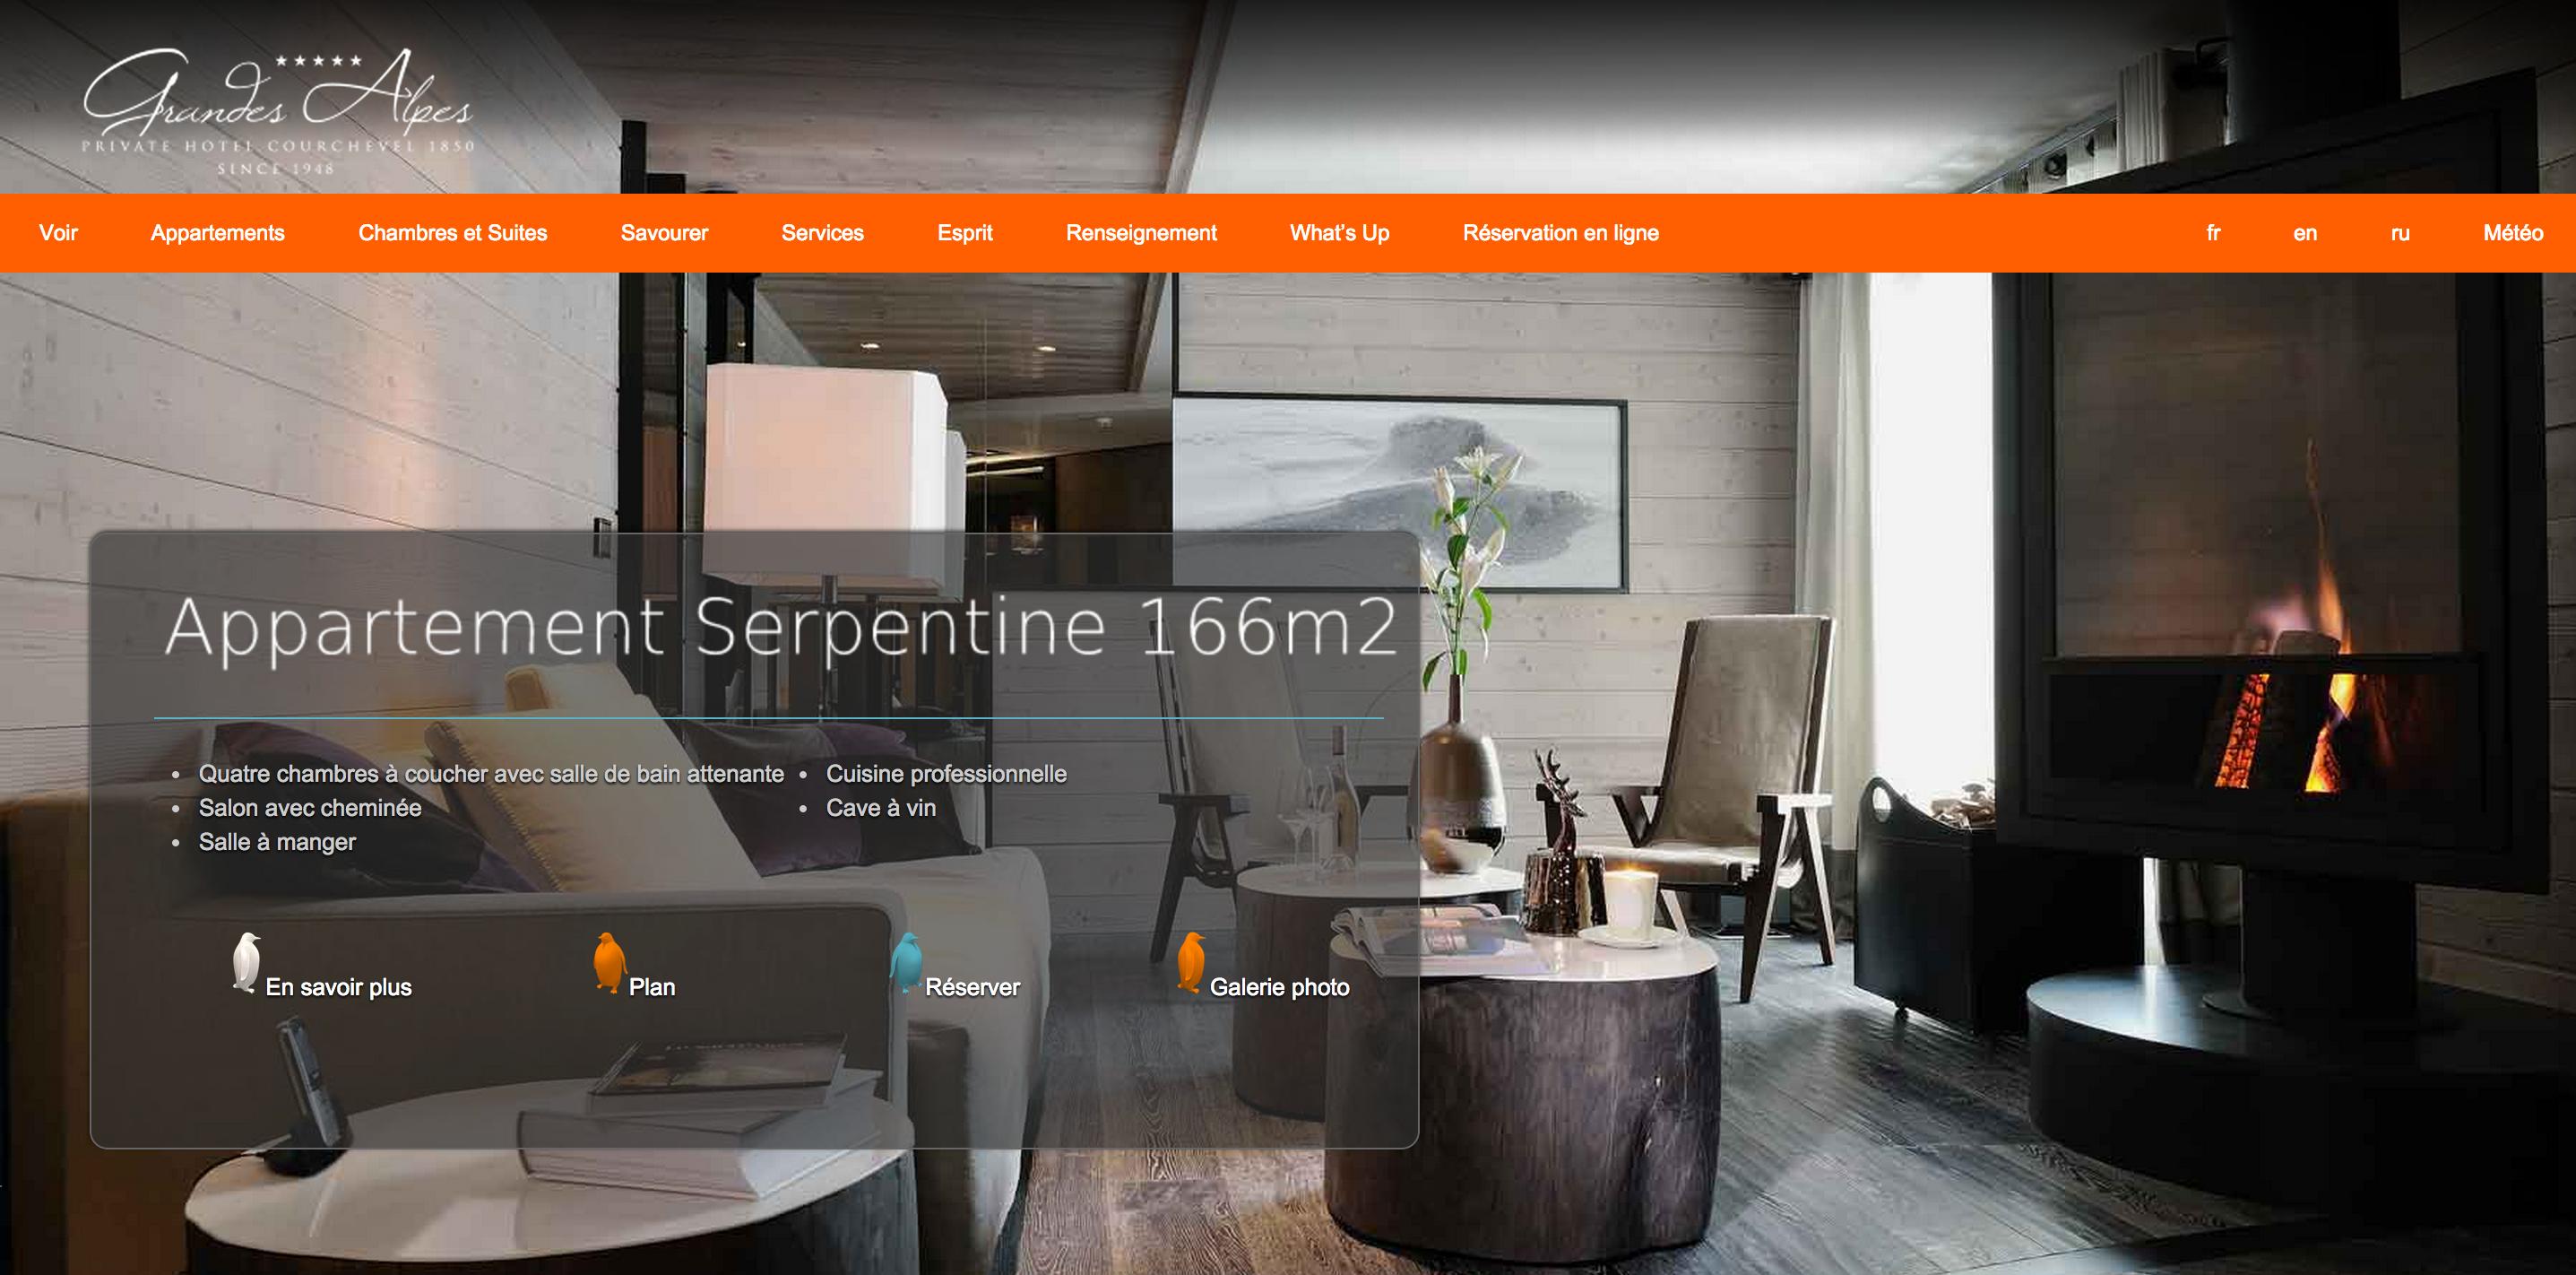 Webmaster pour hôtels de luxe